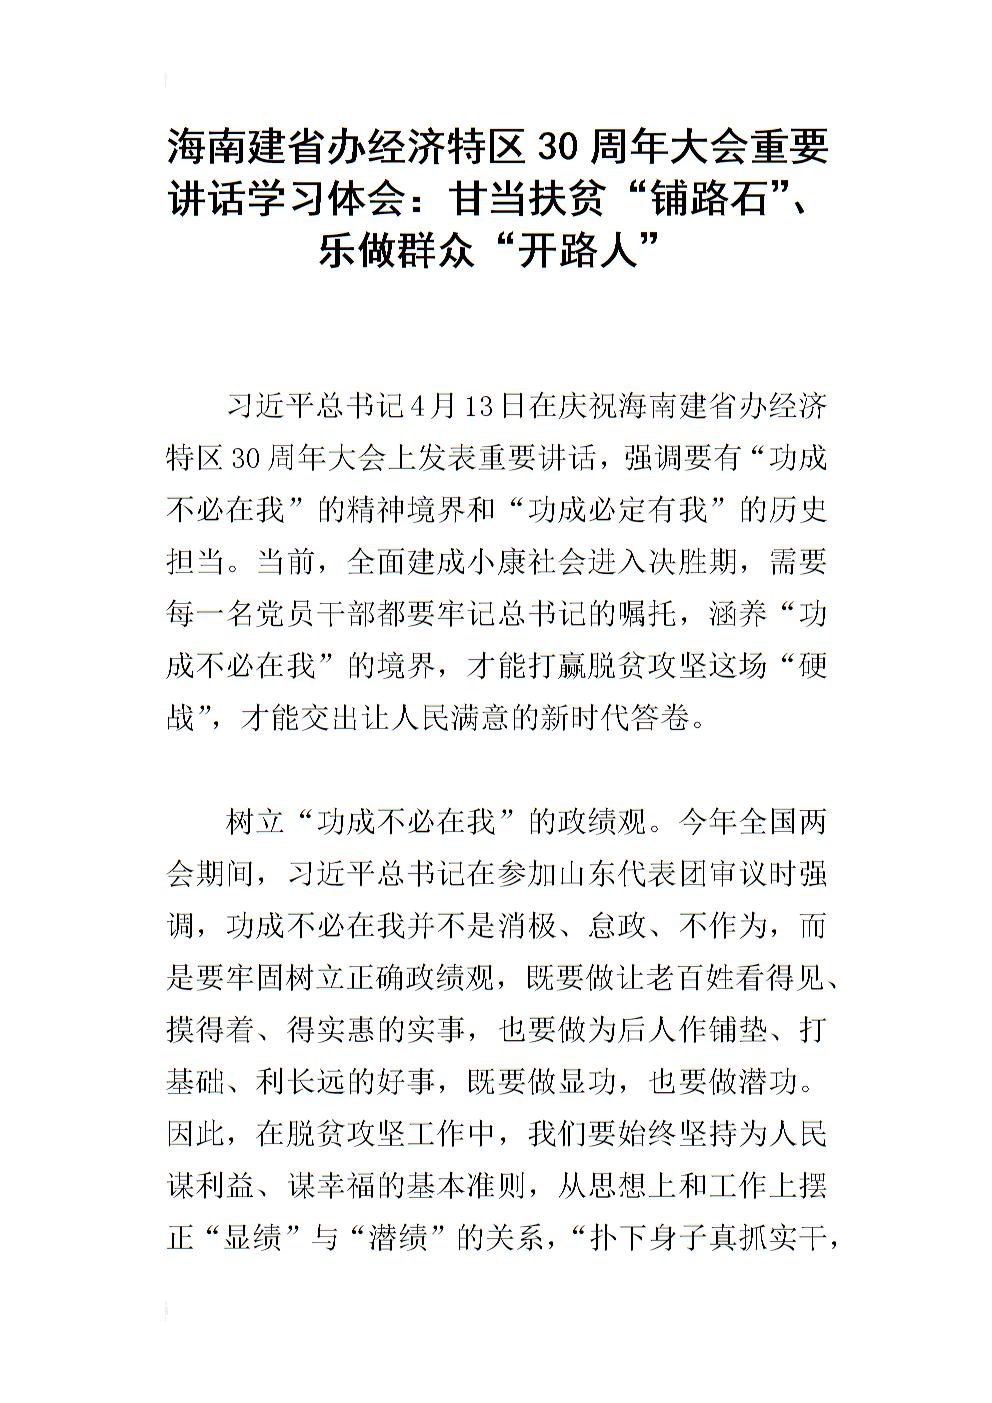 海南建省办经济特区30周年大会重要讲话学习体会:甘当